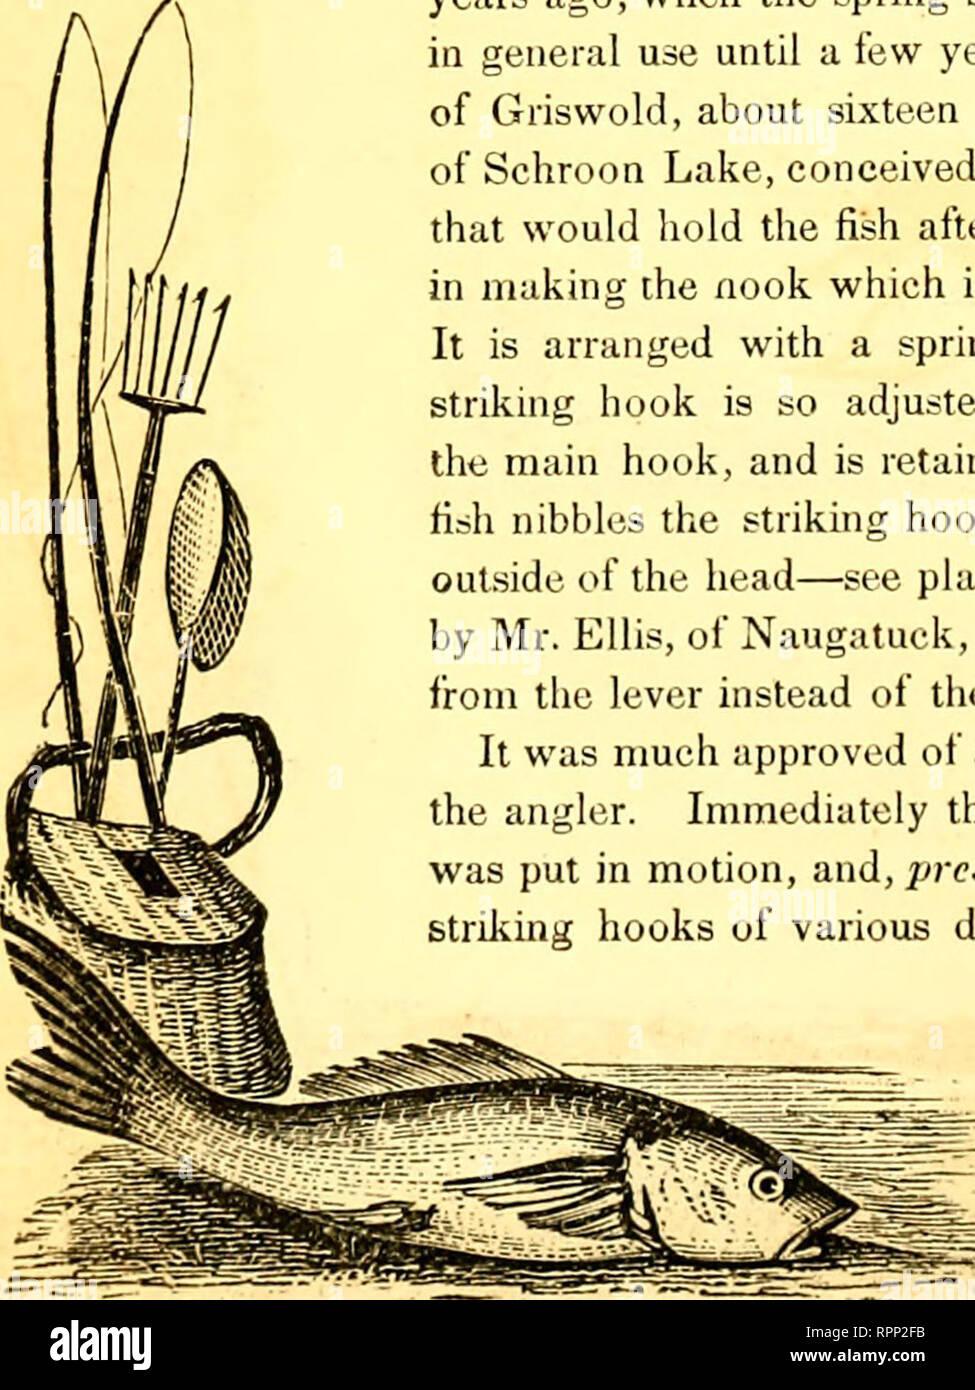 """. American Angler's guide : o, completo di fisher, manuale per gli Stati Uniti: contenente i pareri e le pratiche dei pescatori esperti di entrambi gli emisferi ; con l'aggiunta di una seconda parte.. La pesca. Capitolo XII. La molla ganci a scatto. """" Un debole invenzione del nemico."""" Perché l umile e mite piscator dovrebbe essere chiamato il nemico della gara finny, o perché i pescatori, nel parlare del loro exploit, deve chiamare i loro amici finny i loro nemici, è un mistero ancora di essere spiegato. Tale non può certamente perseguire il loro sport con un vero spirito Waltonian ; per il padre di pescatori mai u Foto Stock"""